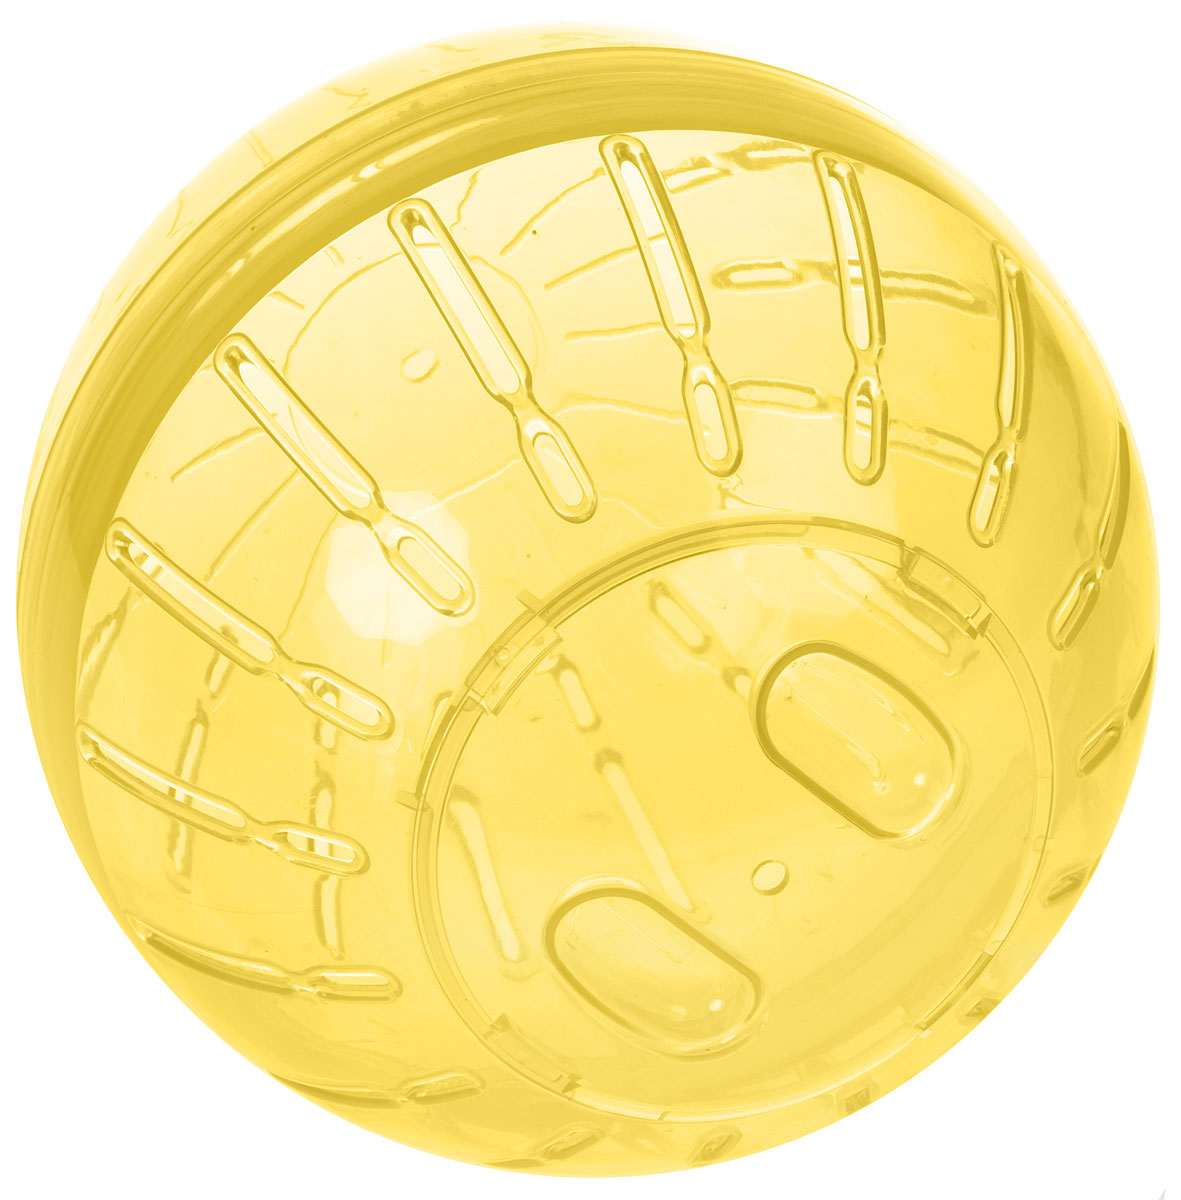 Игрушка для грызунов Triol Шар прогулочный, цвет: прозрачный желтый, диаметр 19 смКл-5212_прозрачный желтыйШар прогулочный Triol - это игрушка для грызунов, изготовленная из нетоксичного высококачественного пластика. Шар легко моется. Устойчивая конструкция с защелкивающимися дверцами обеспечит безопасность и предохранит вашего питомца от побега. Большие вентиляционные отверстия обеспечивают хорошую циркуляцию воздуха, а специально разработанные выступы для лап - удобство при передвижении. Прогулка в таком шаре обеспечит грызуну нагрузку, а значит, поможет поддержать хорошую физическую форму. Чтобы правильно подобрать шар, следует измерить длину животного: диаметр шара должен быть чуть больше, чем длина вашего питомца.Диаметр шара: 19 см.